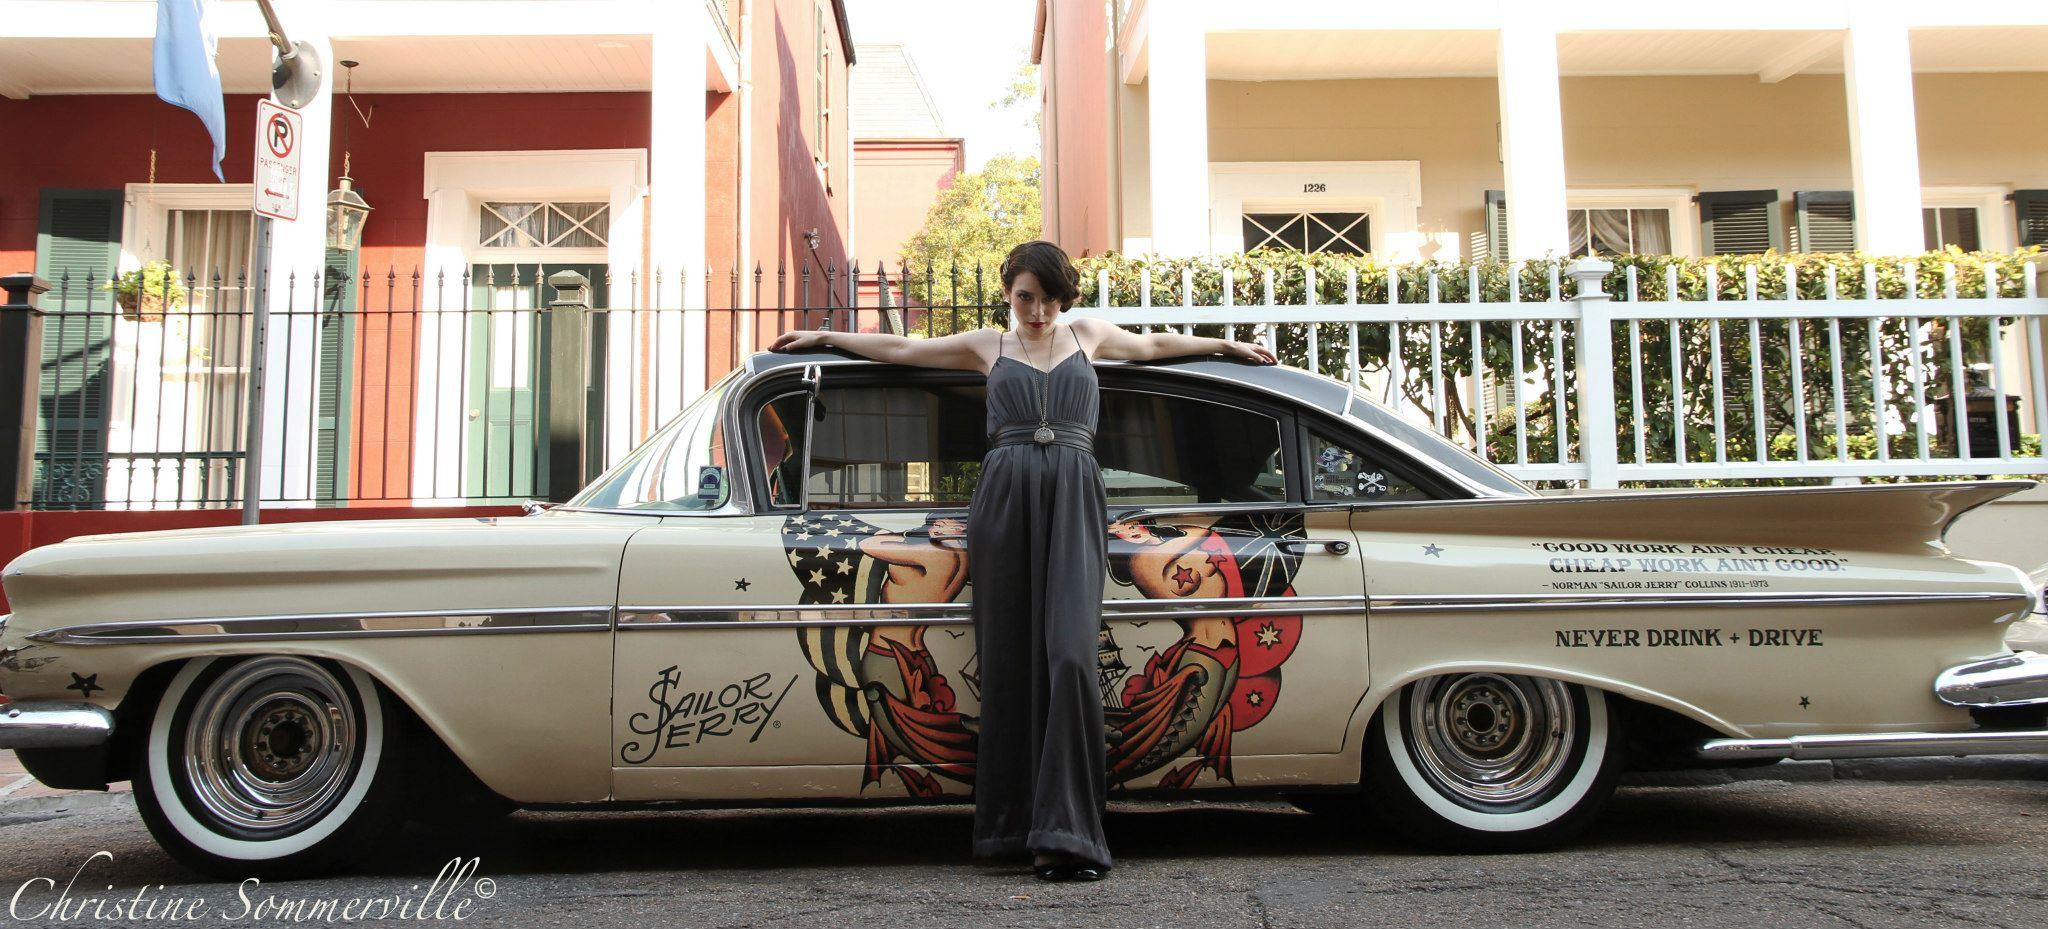 NoLa 2012 - Irene Torres